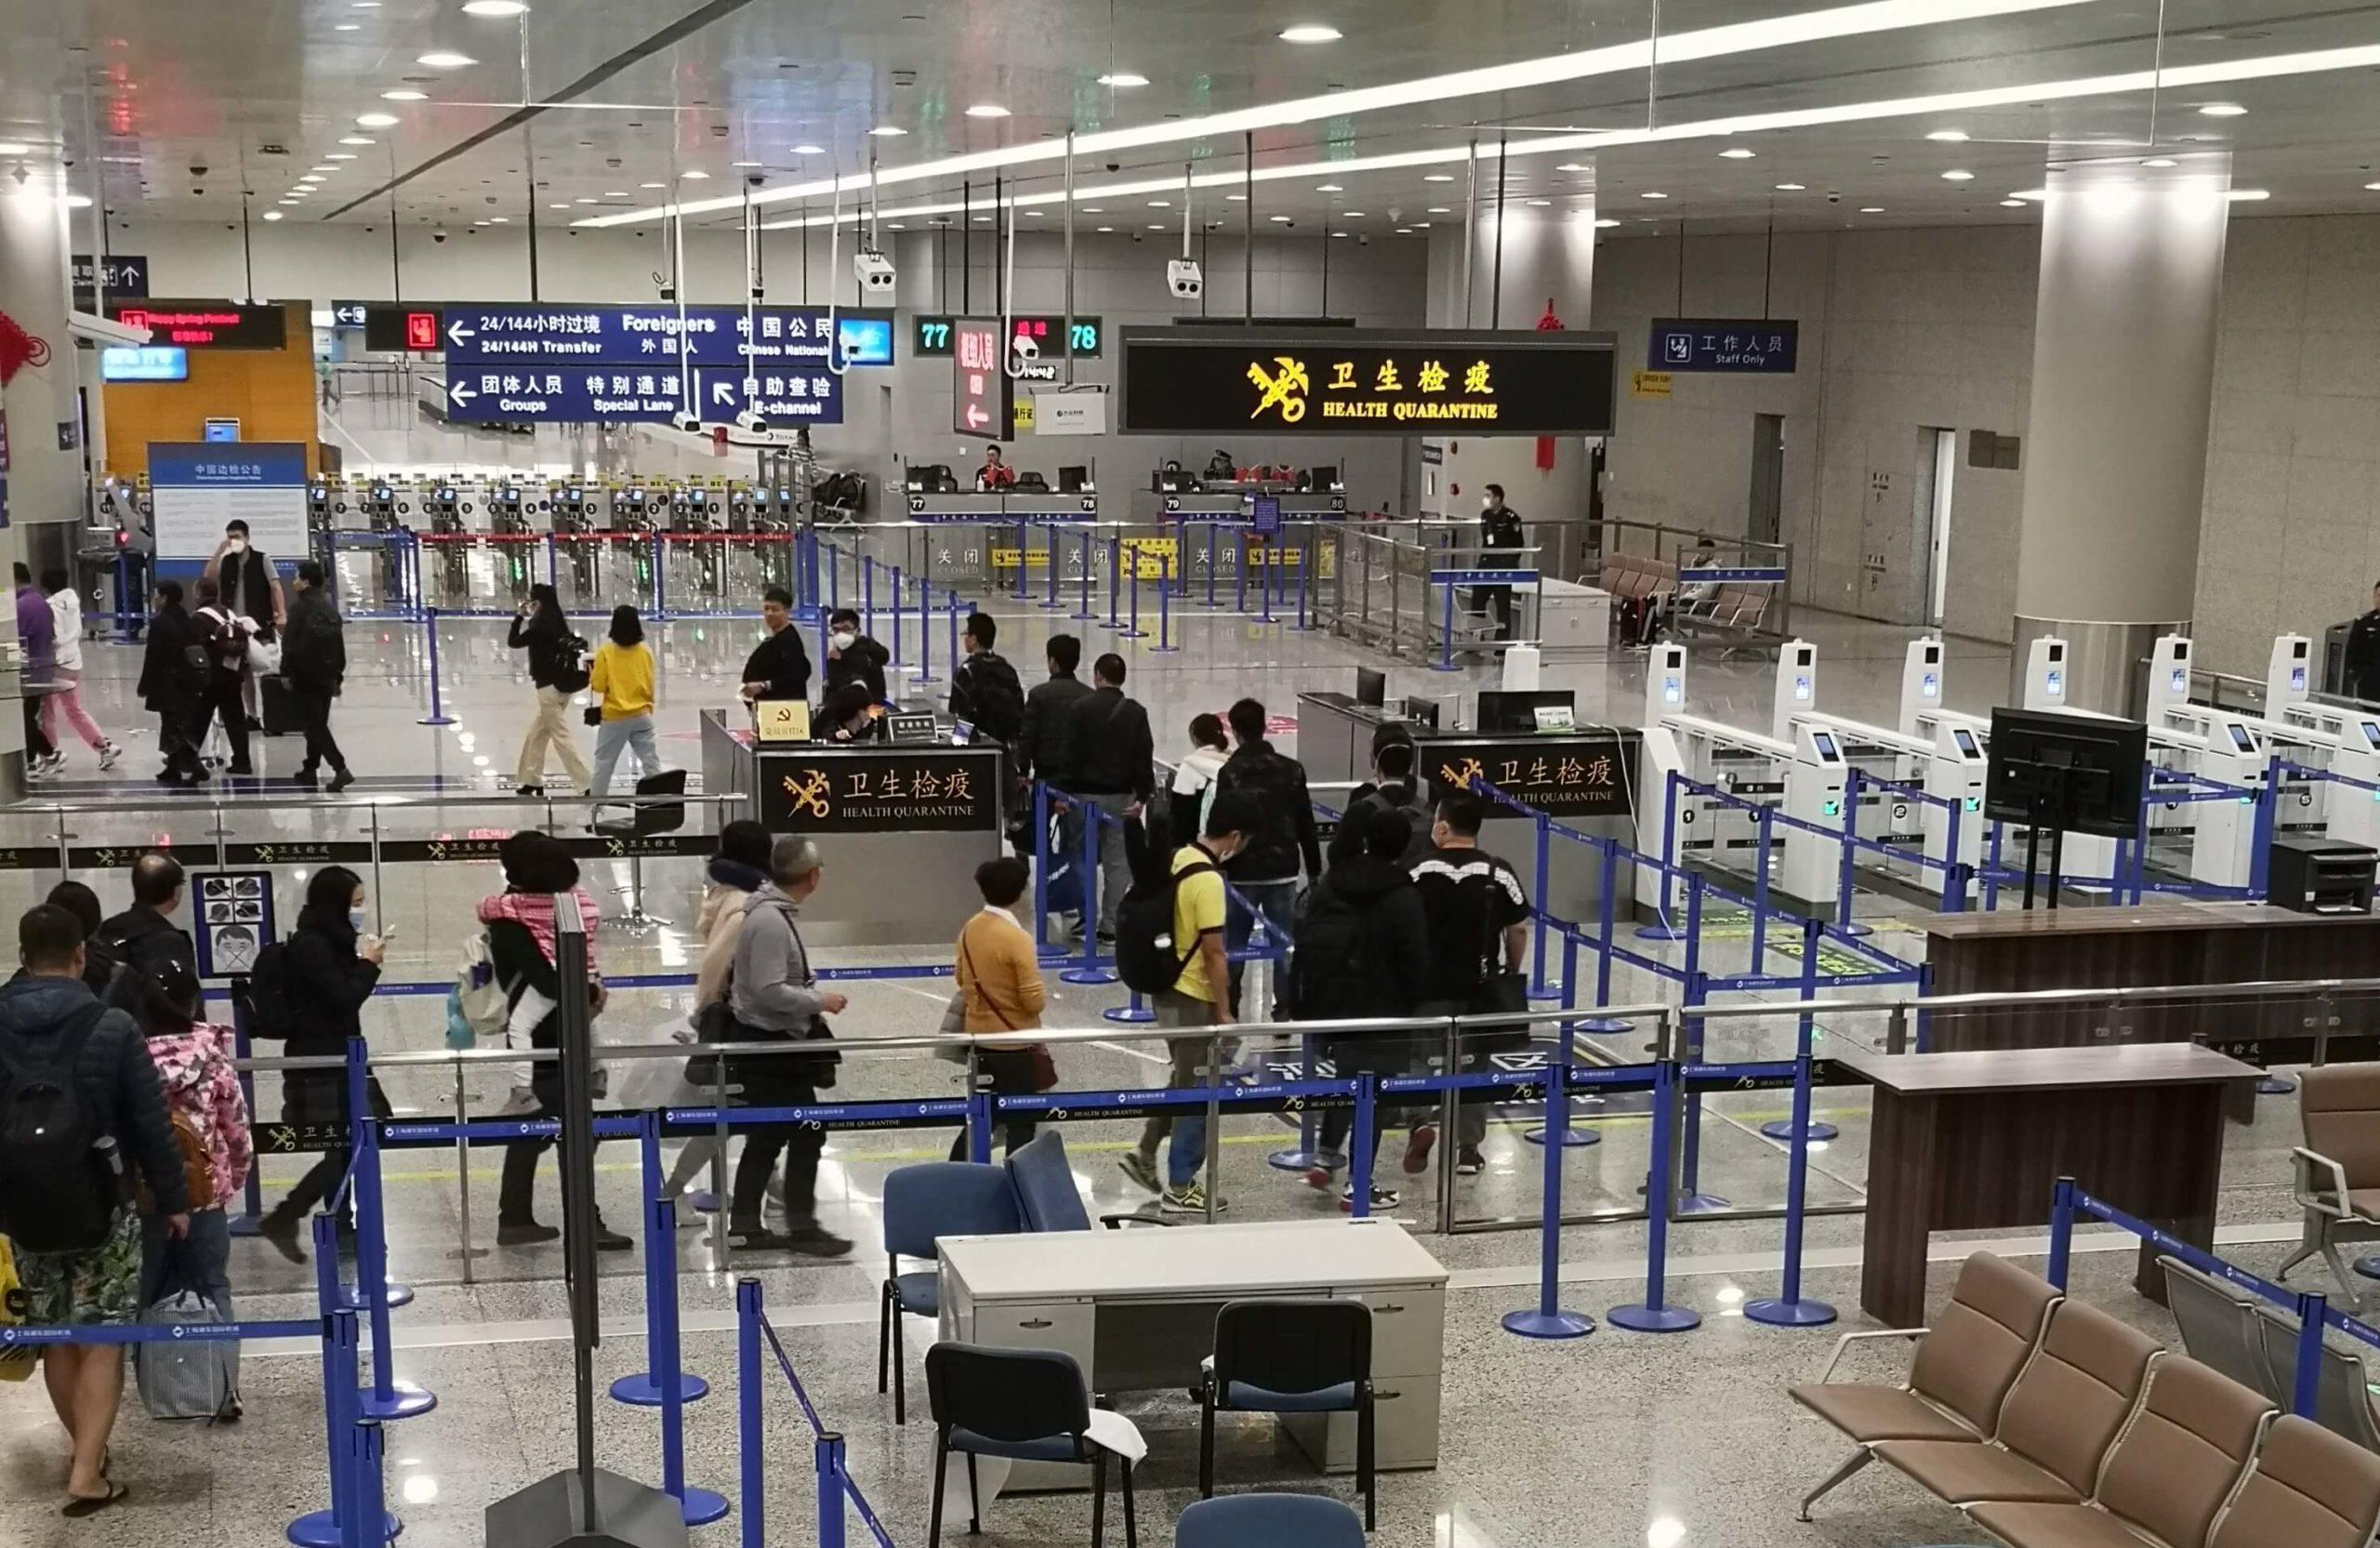 coronavirus china traveling airport travelers wifi